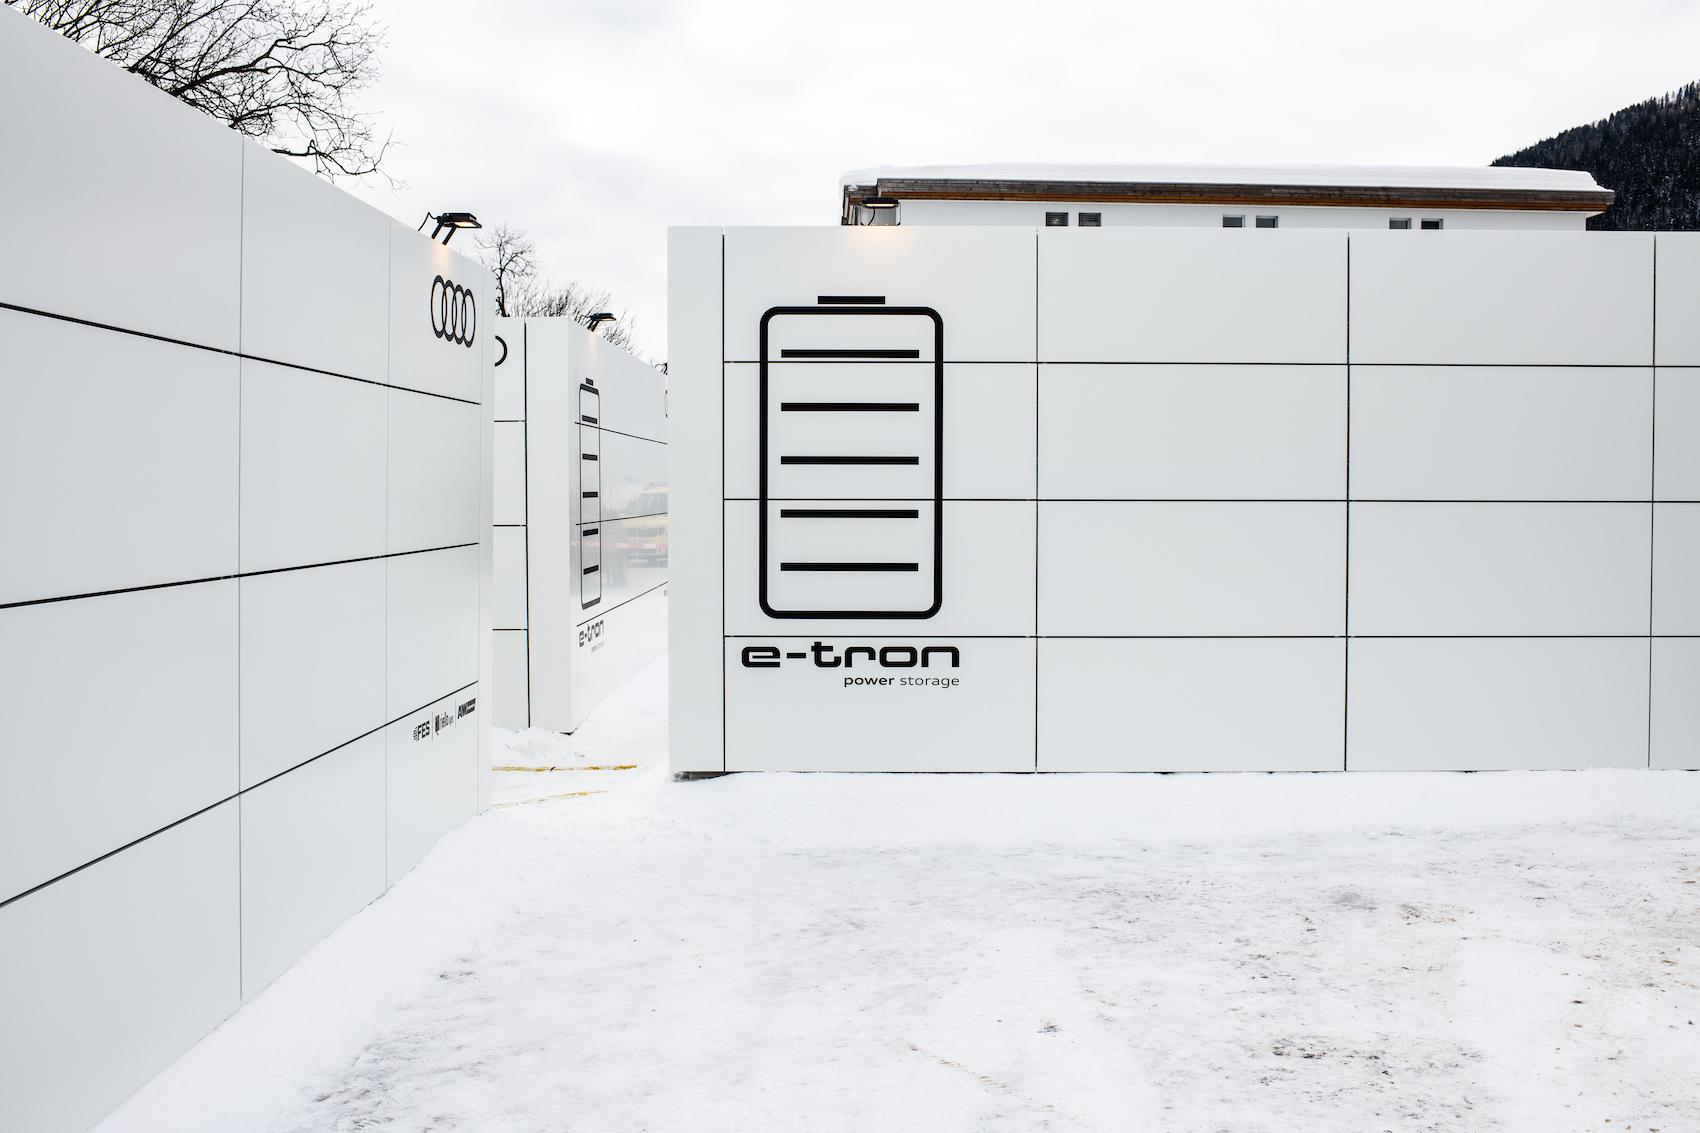 Sono poco appariscenti, ma in realtà ospitano una grande quantità di energia verde: i tre container high-tech di Davos. (Foto: Adrian Bretscher.)